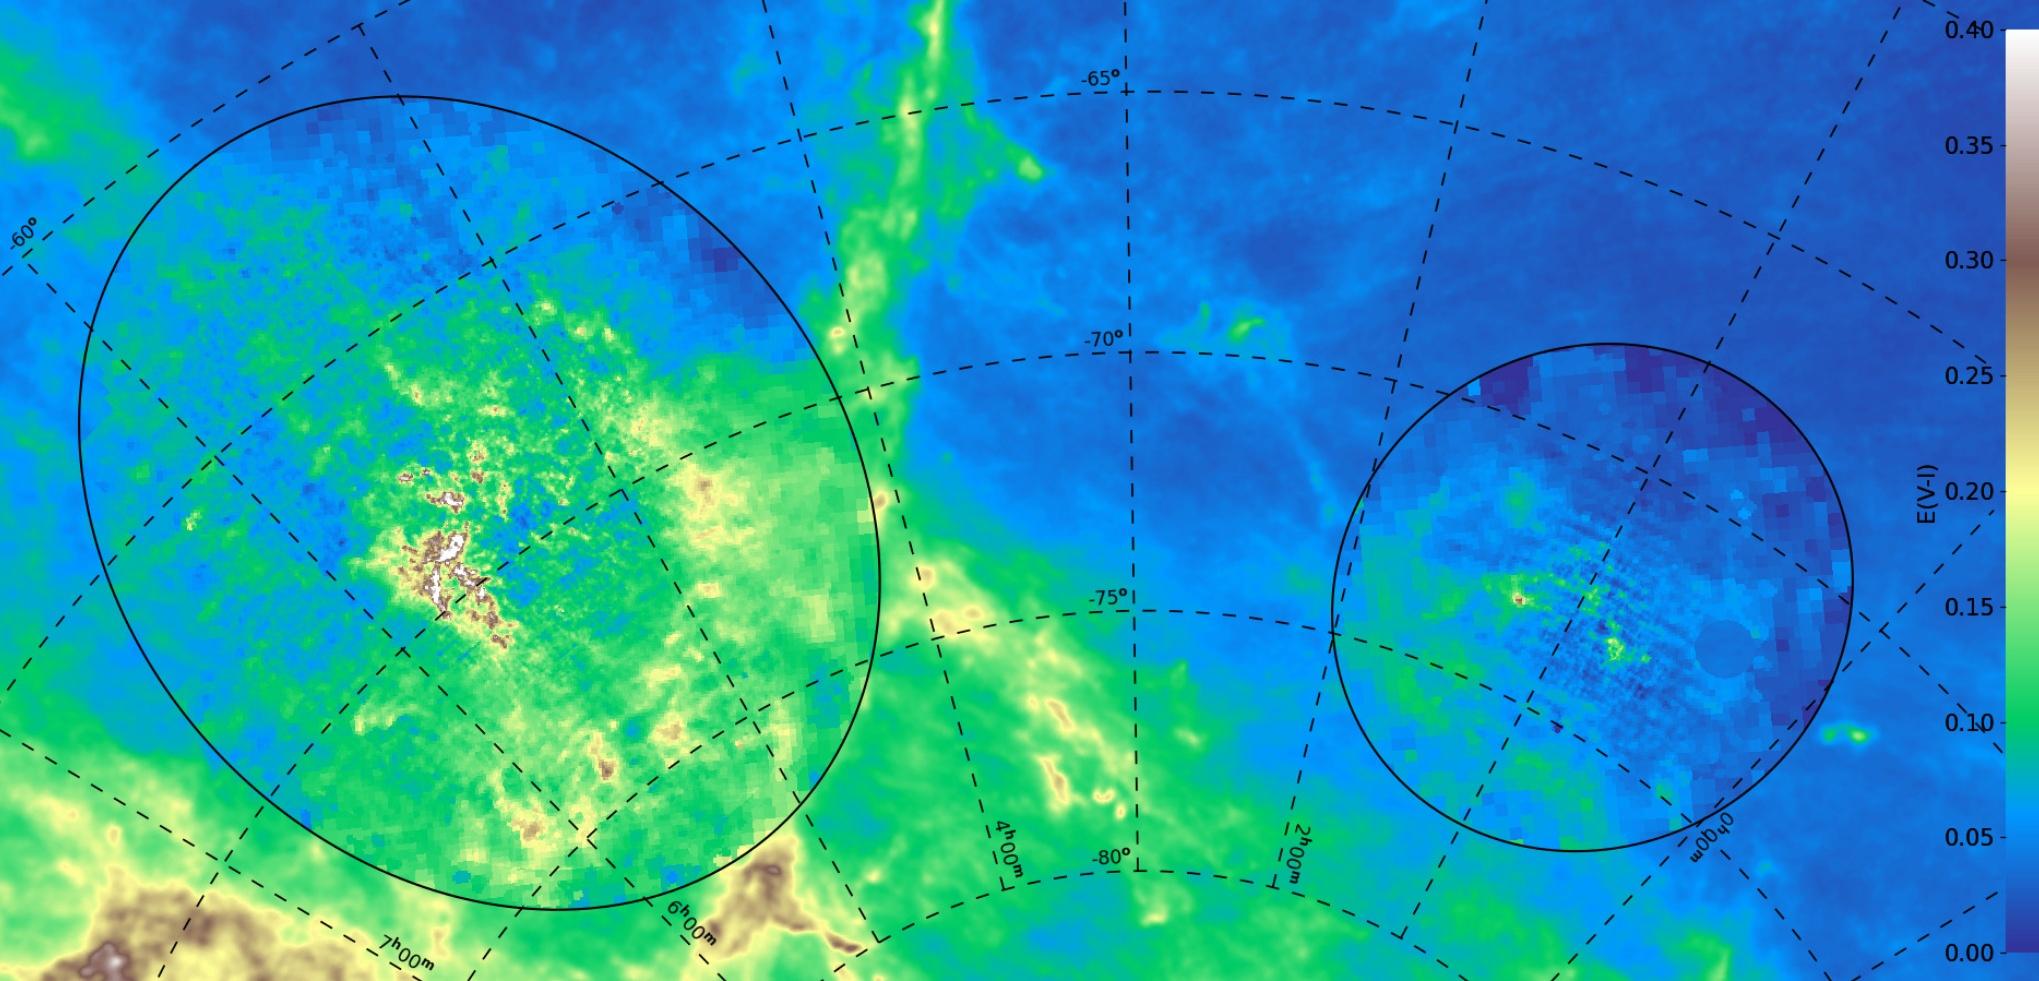 Mapa OGLE poczerwienienia międzygwiazdowego, E(V-I), w kierunku Wielkiego (lewy owal) i Małego (prawy owal) Obłoków Magellana. Poczerwienienie pomiędzy Obłokami pochodzi z innych badań.